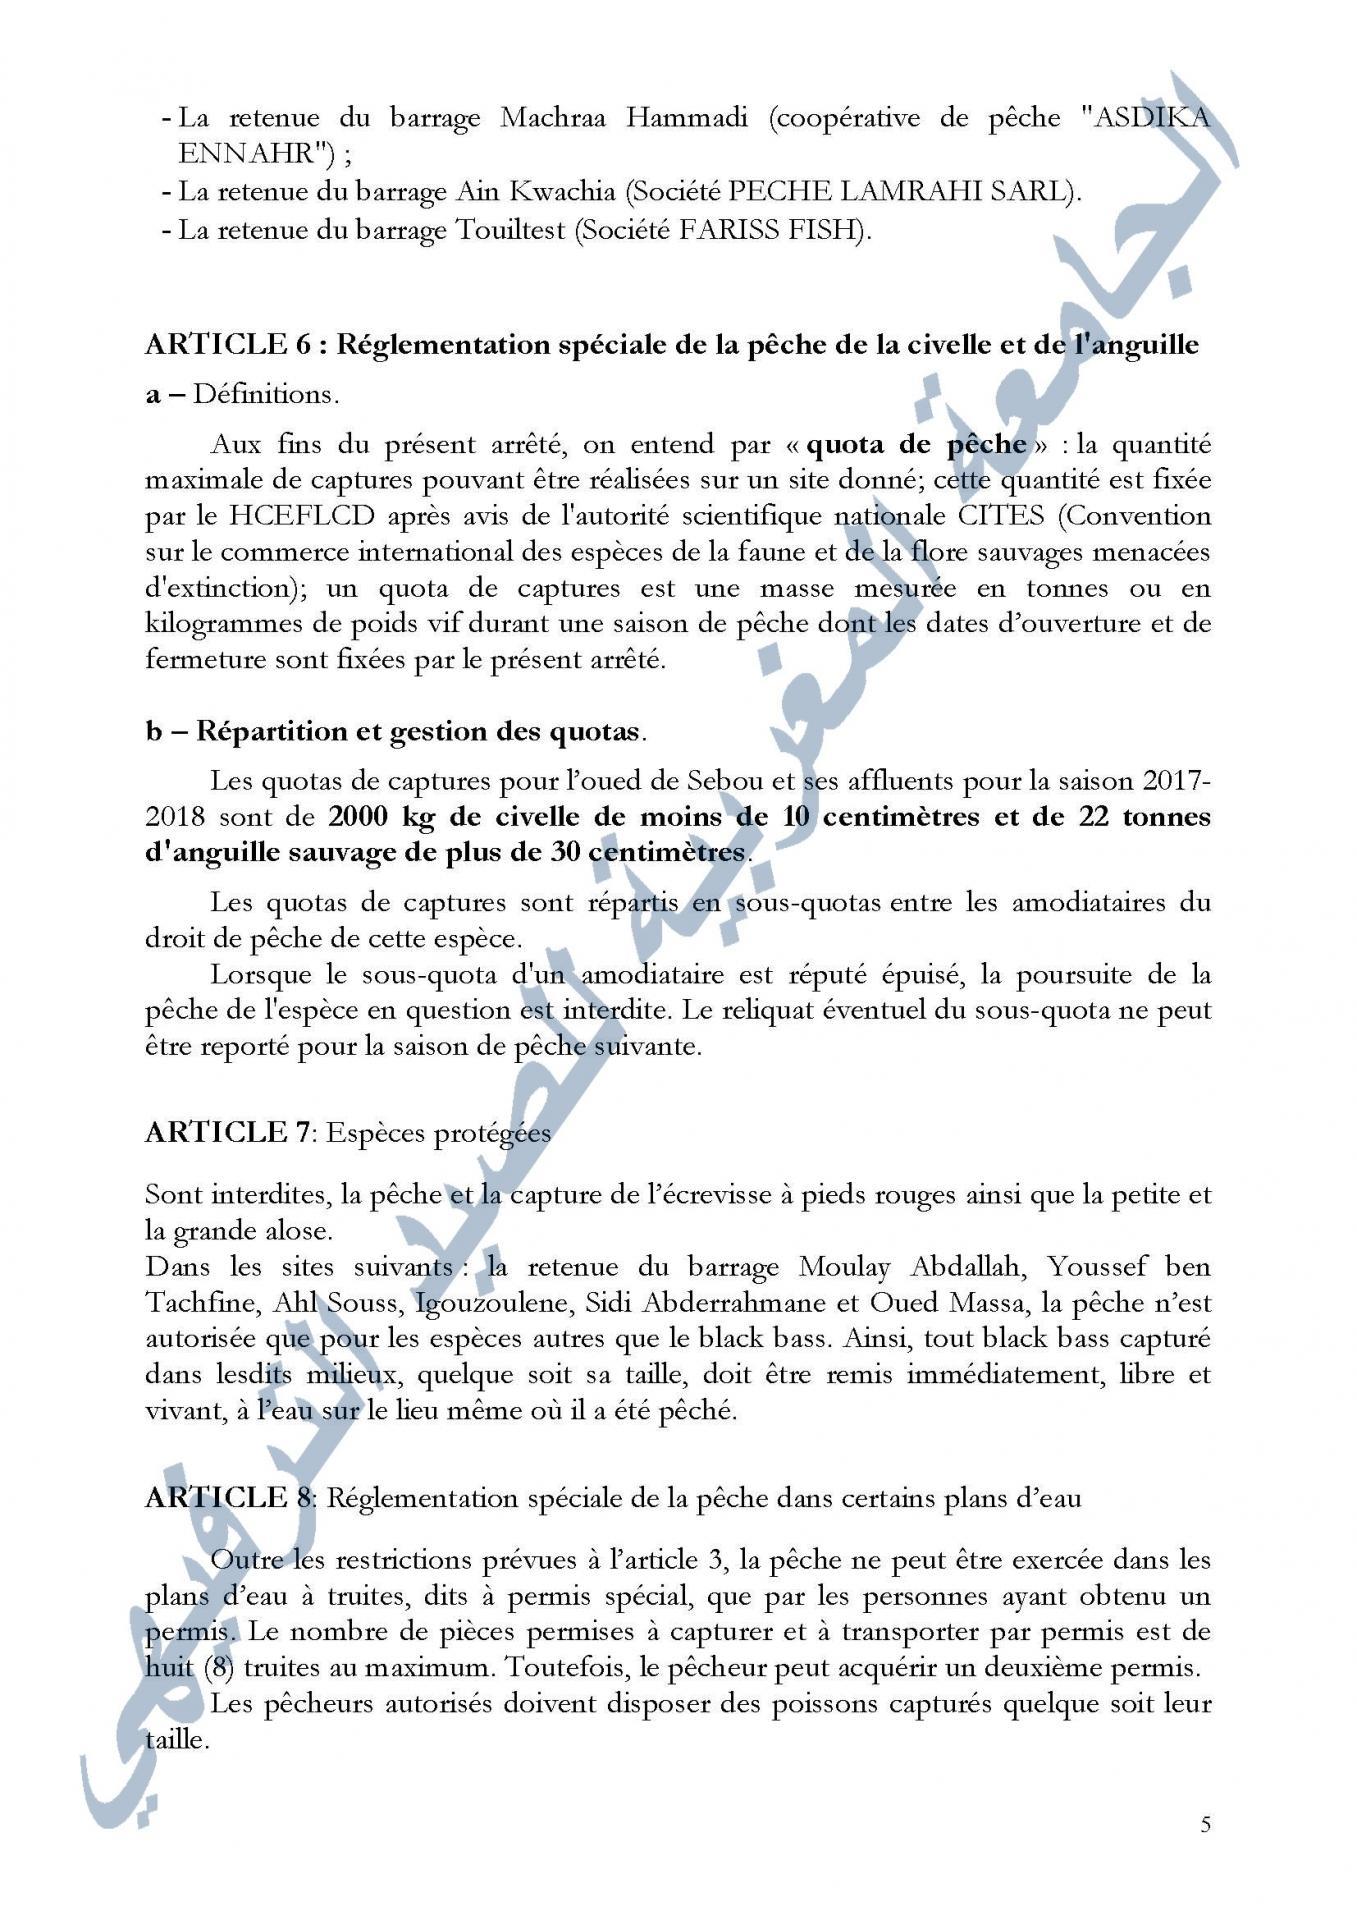 Arrete 17 18 page 5